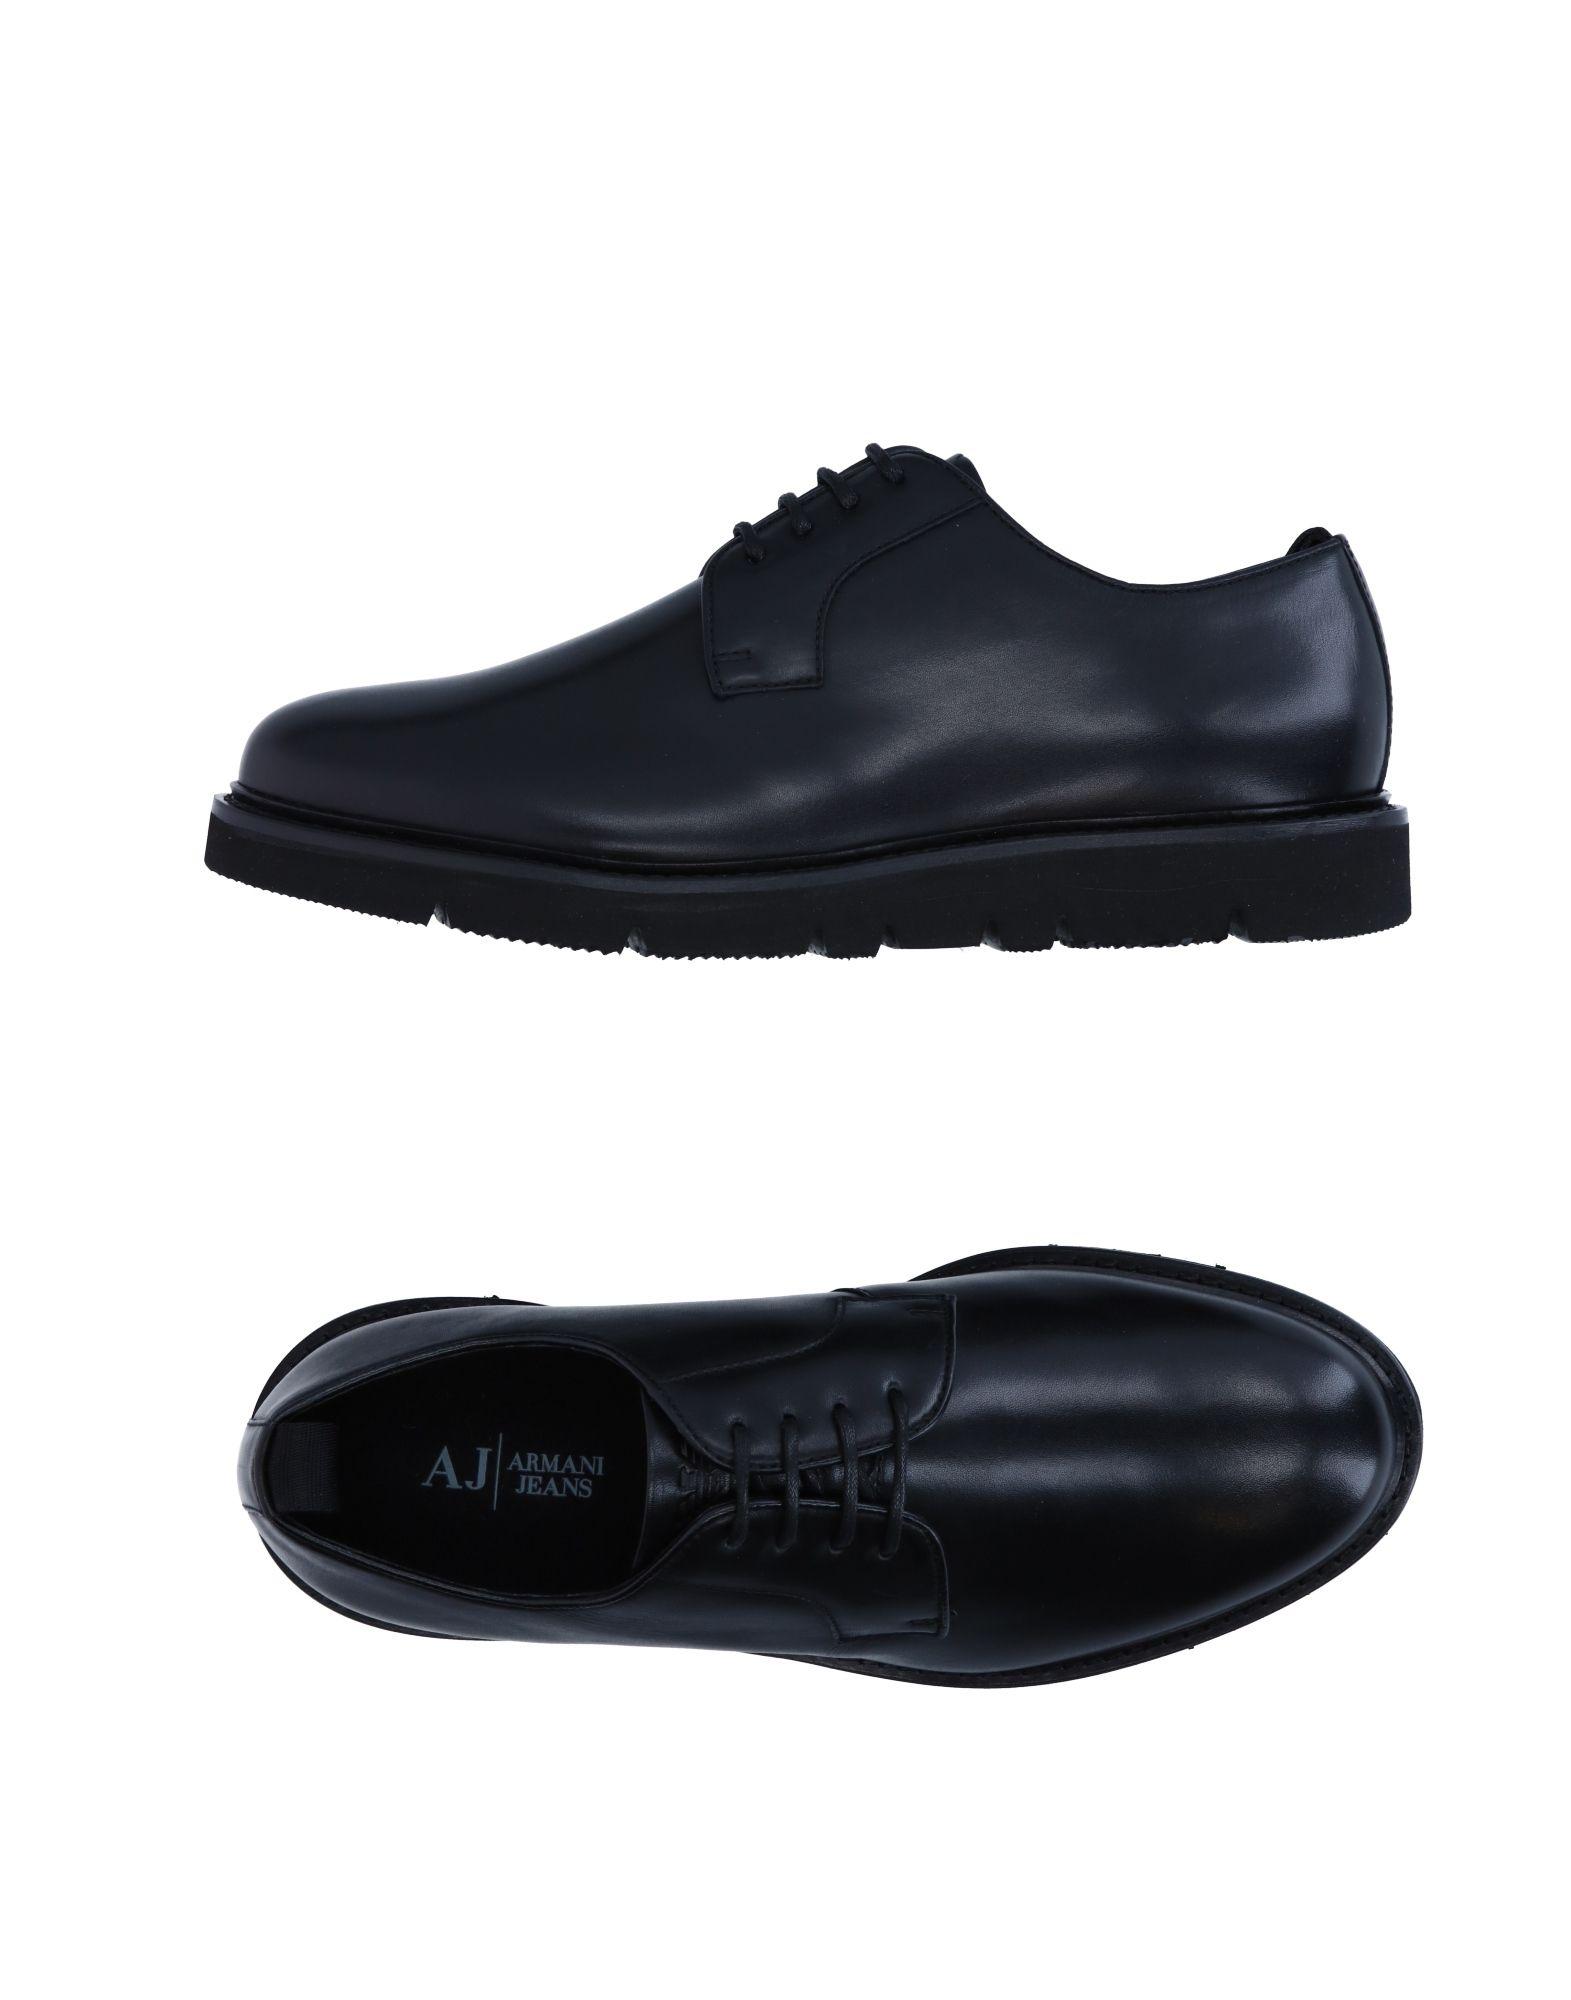 Rabatt echte Schuhe Armani Jeans Schnürschuhe Herren  11253426BD